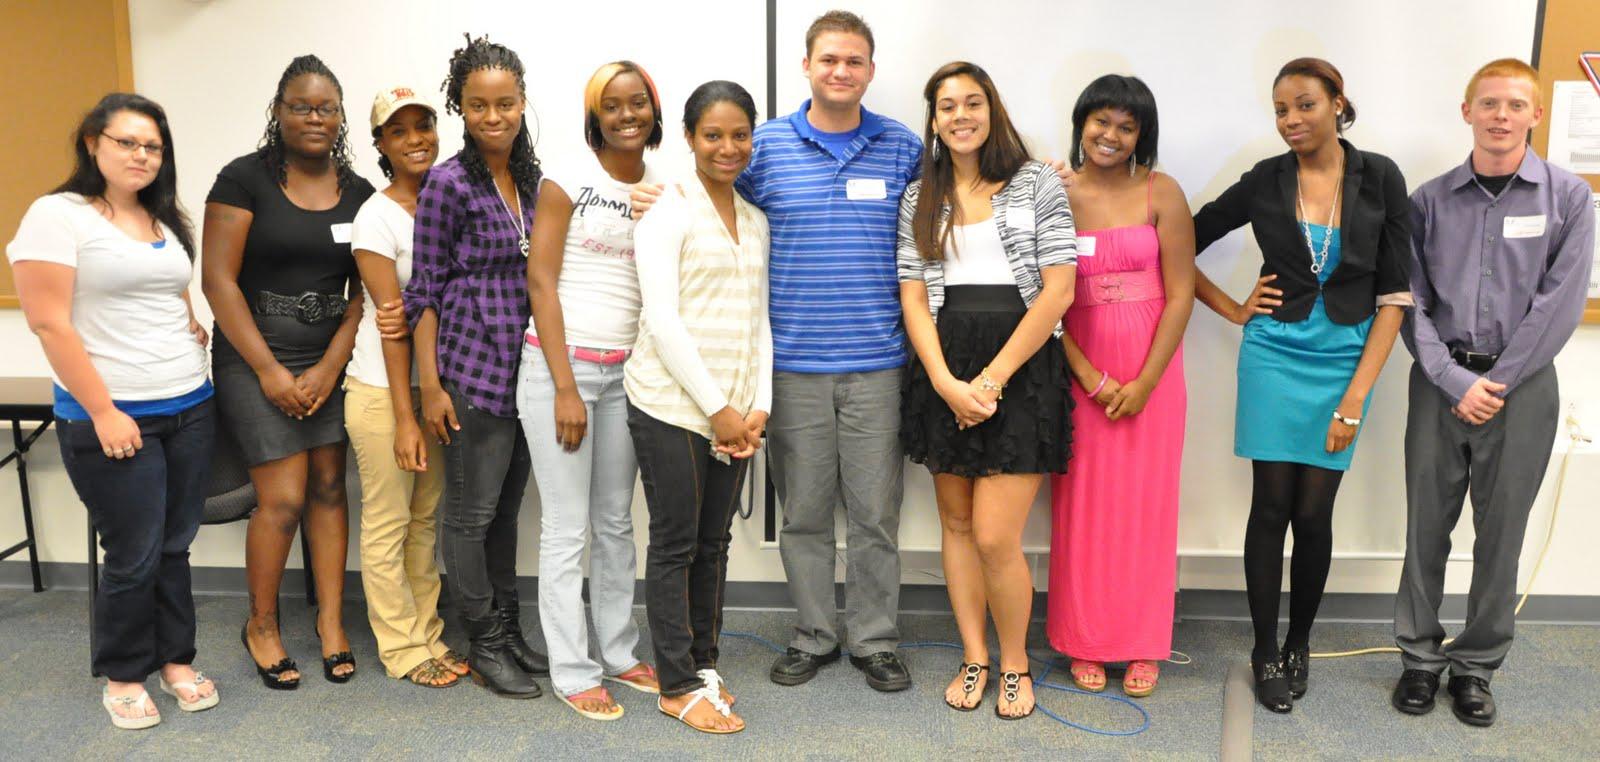 cvs internship program